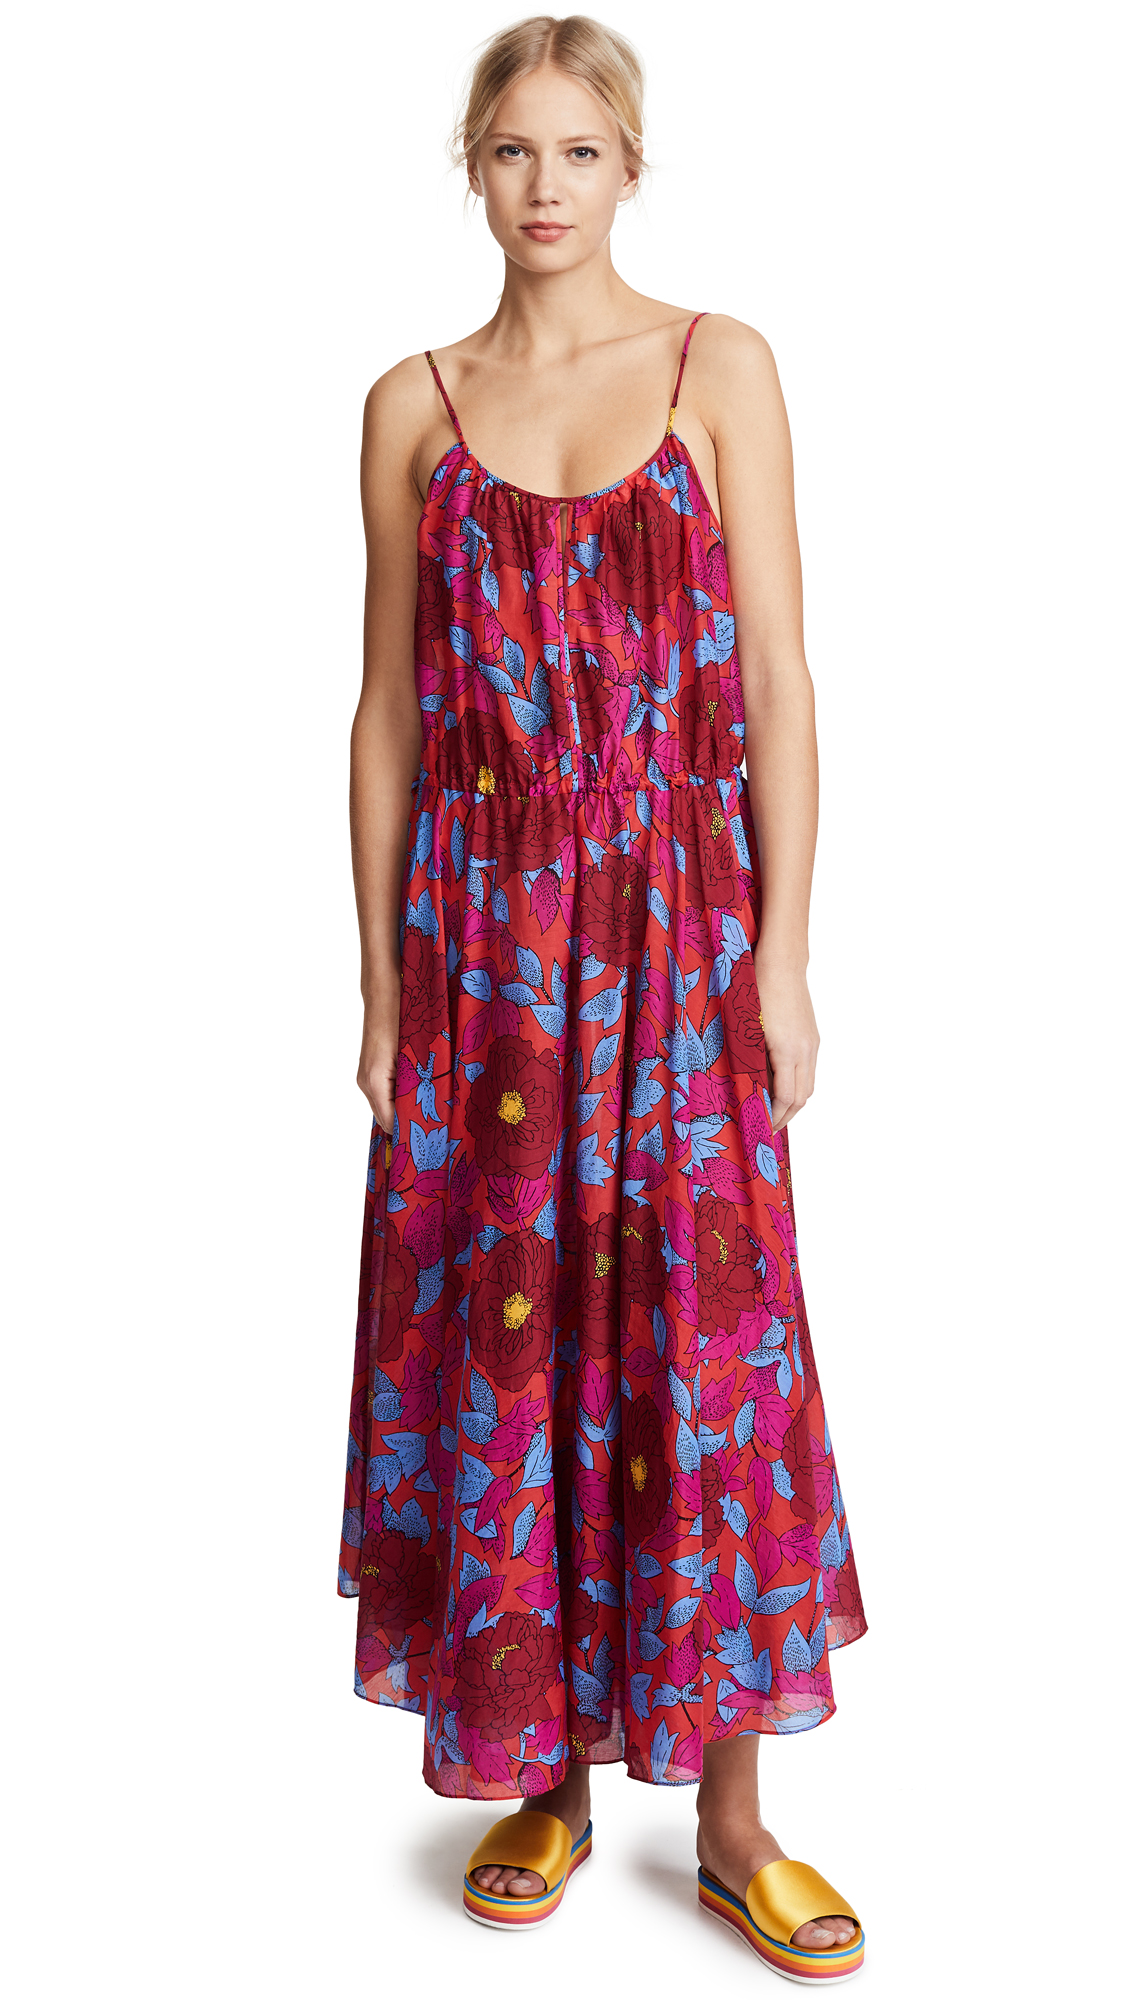 Diane von Furstenberg Cinched Waist Maxi Dress - Boswell Geranium